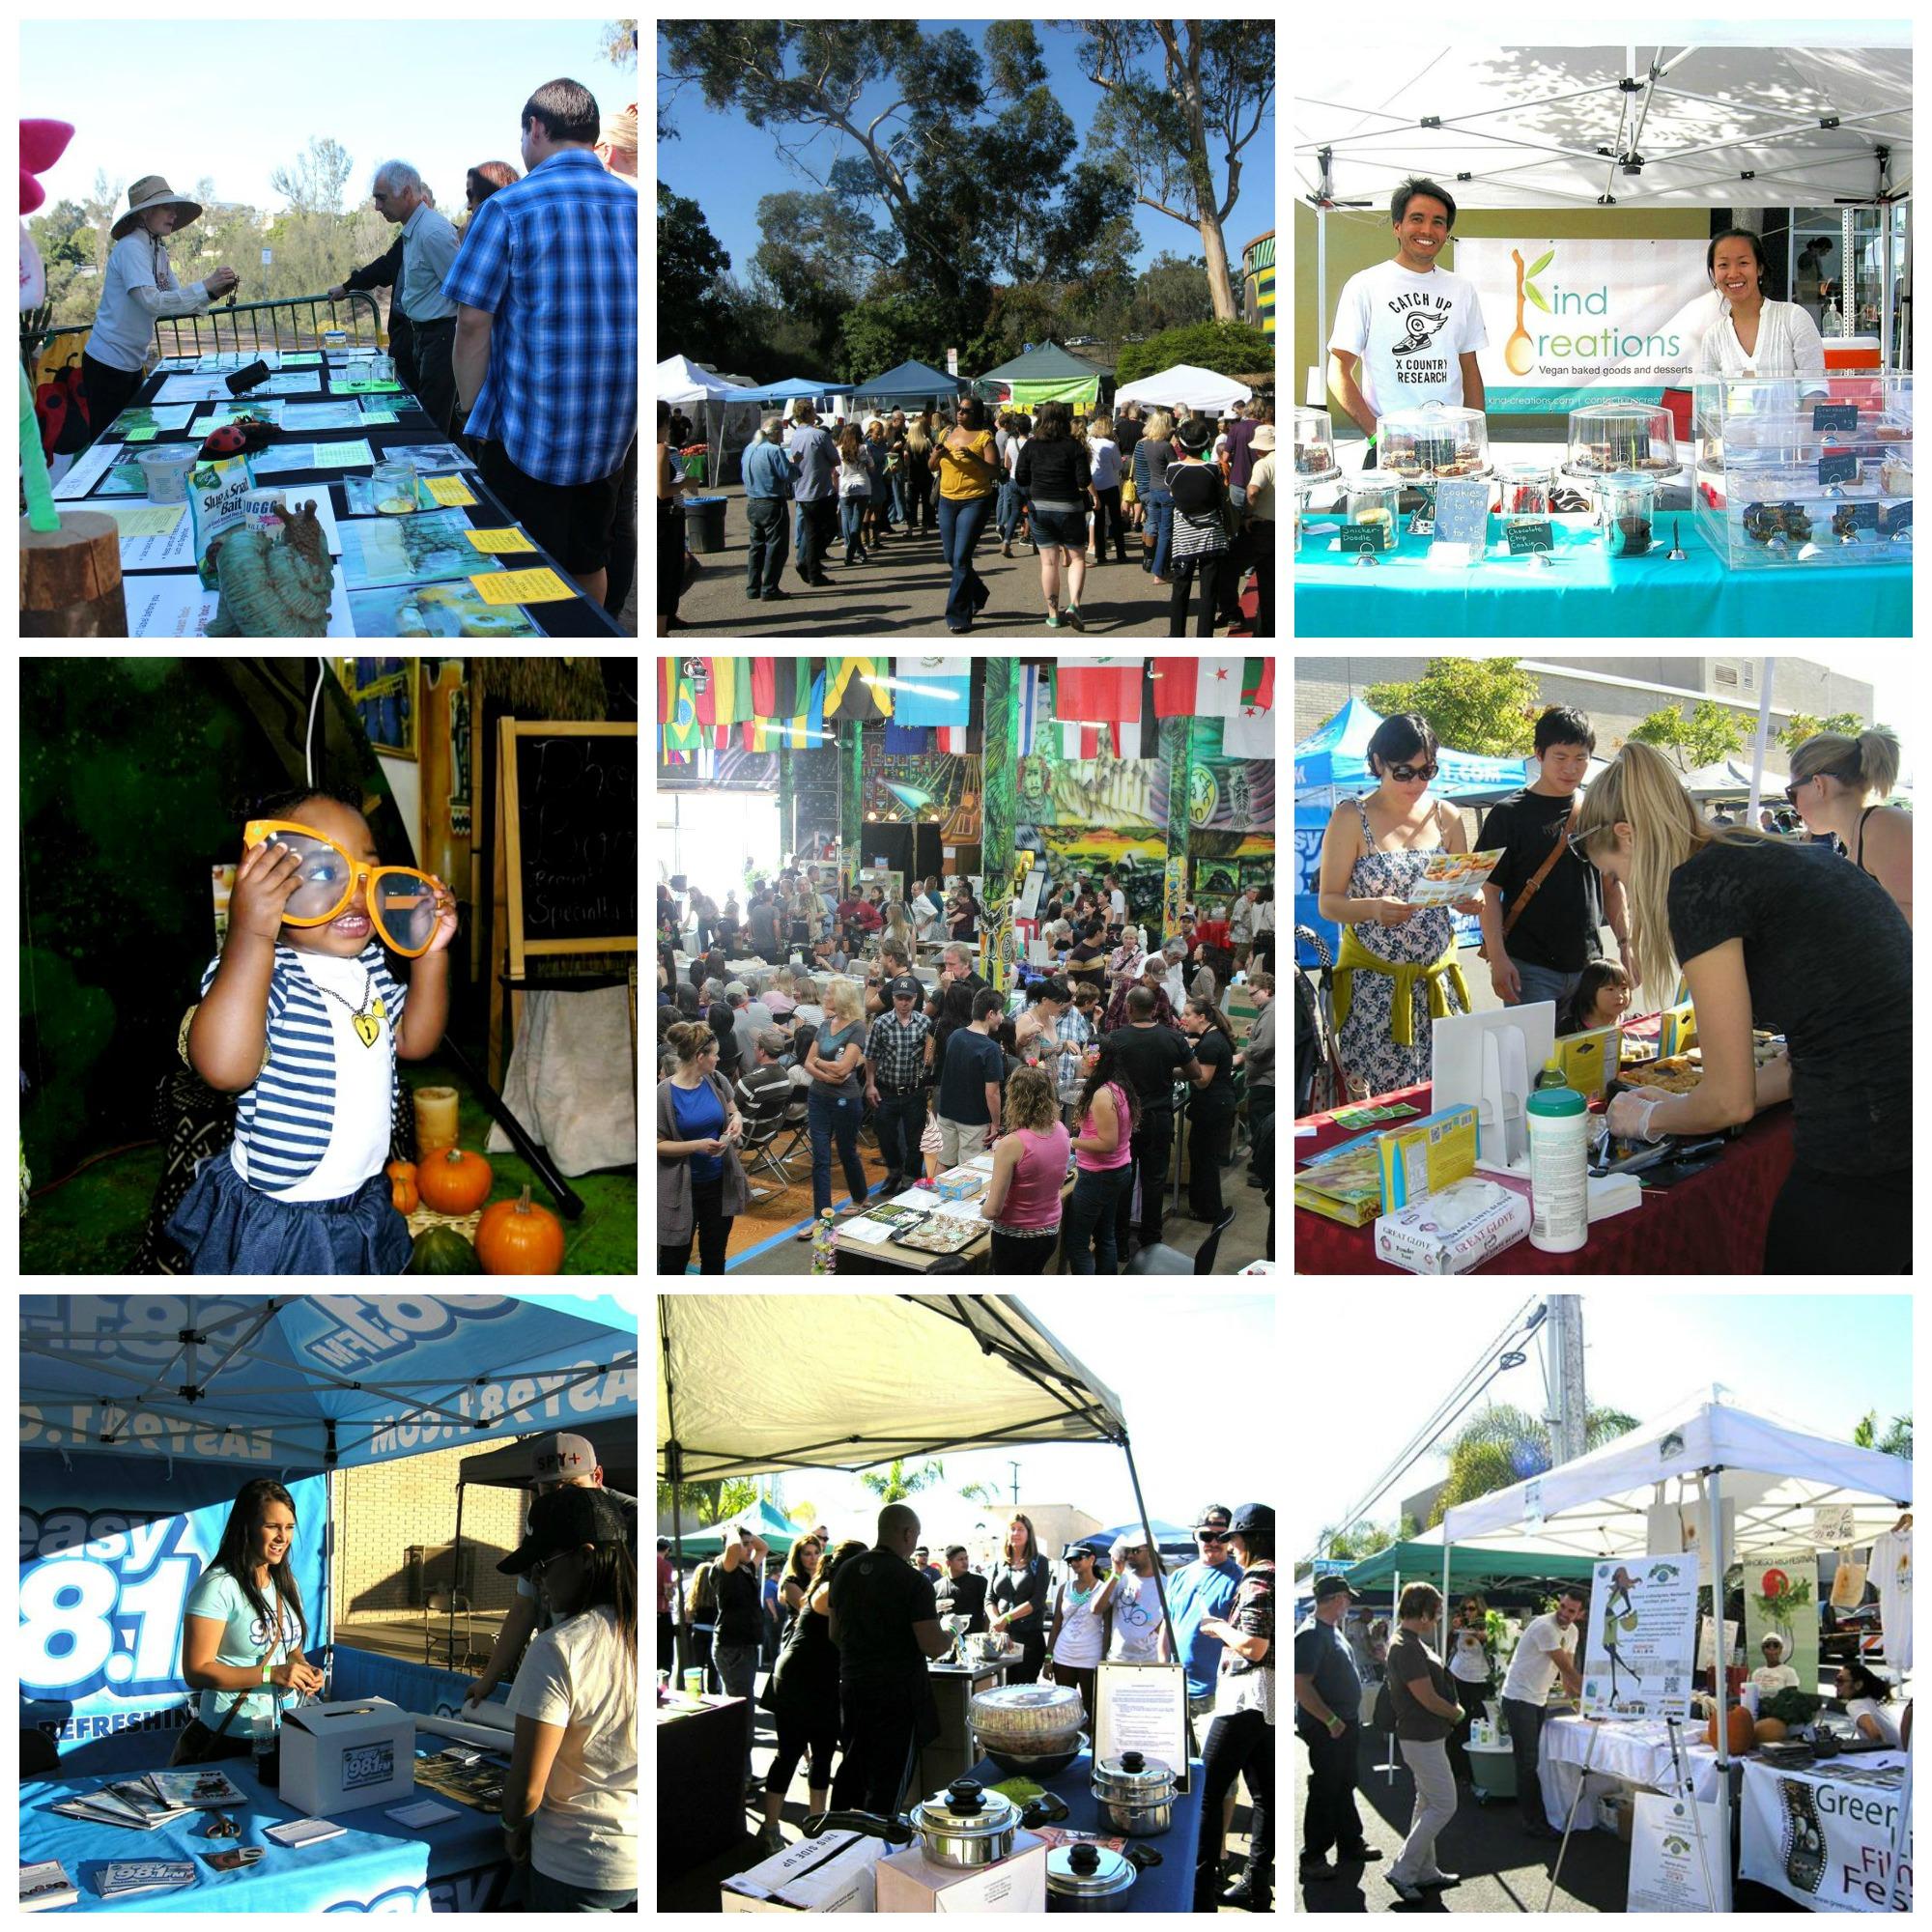 exhibitors collage